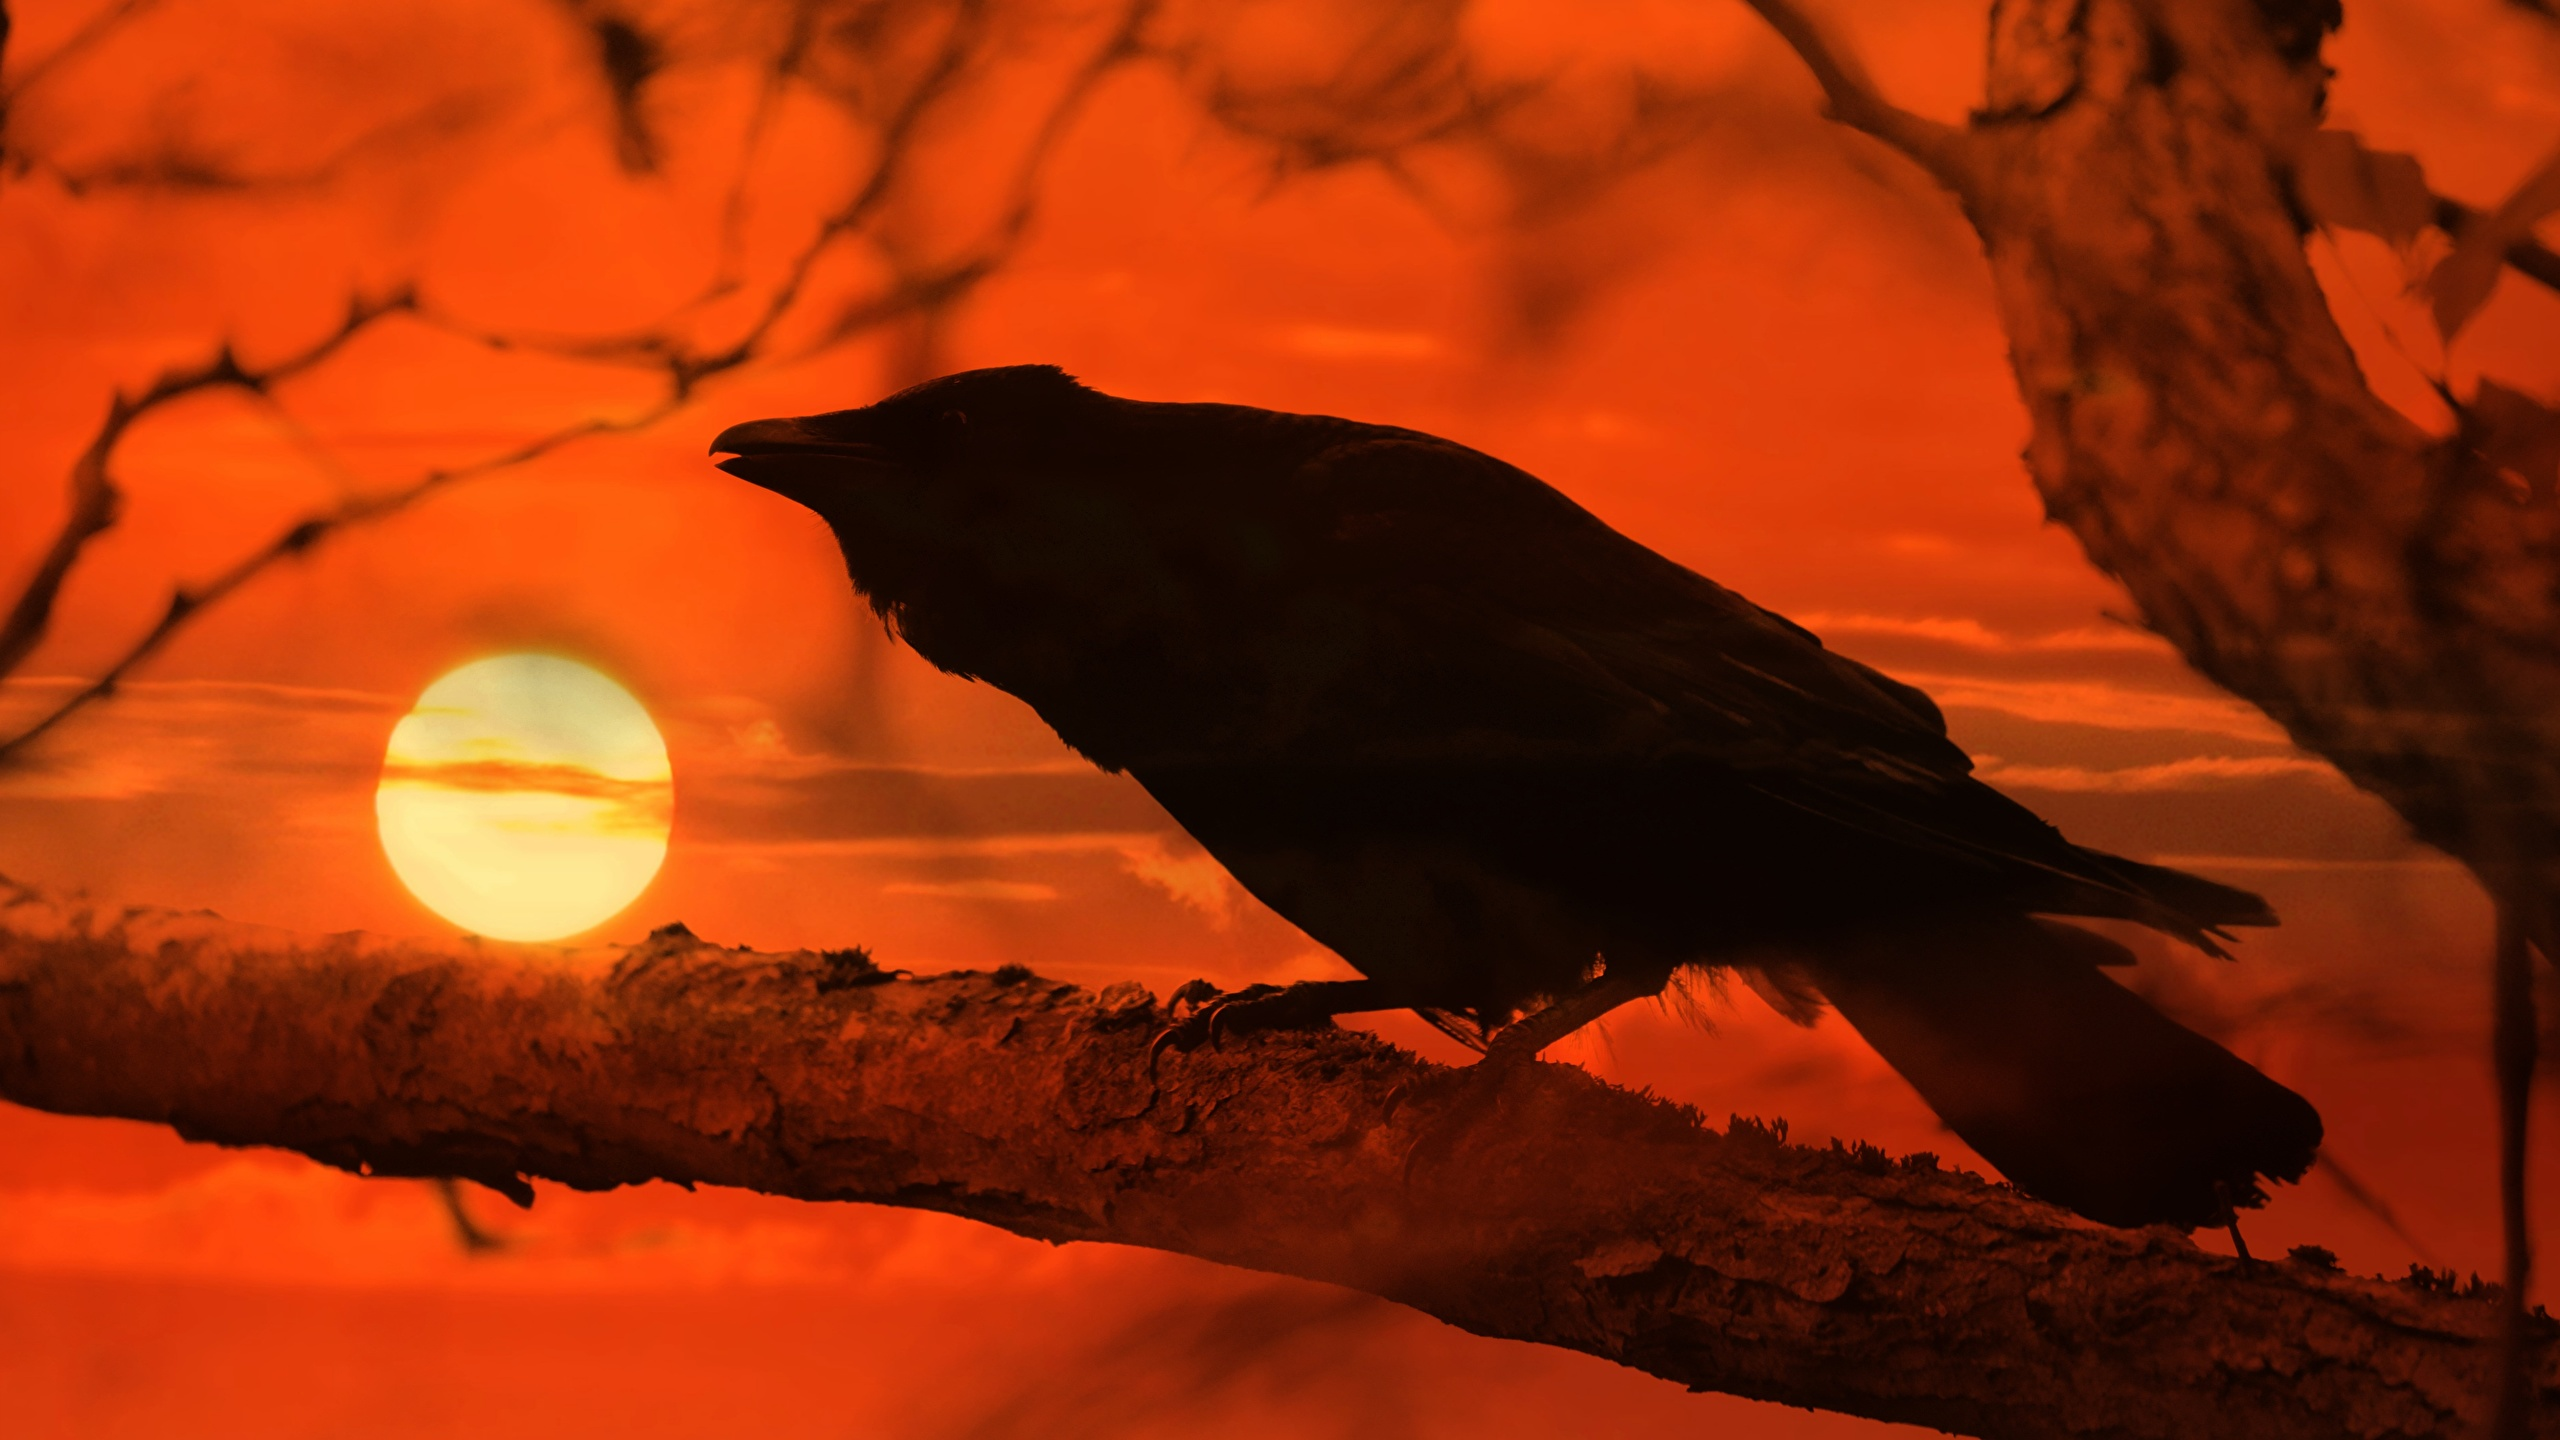 Картинки ворона Солнце рассвет и закат на ветке животное 2560x1440 Вороны солнца Рассветы и закаты Ветки ветка ветвь Животные